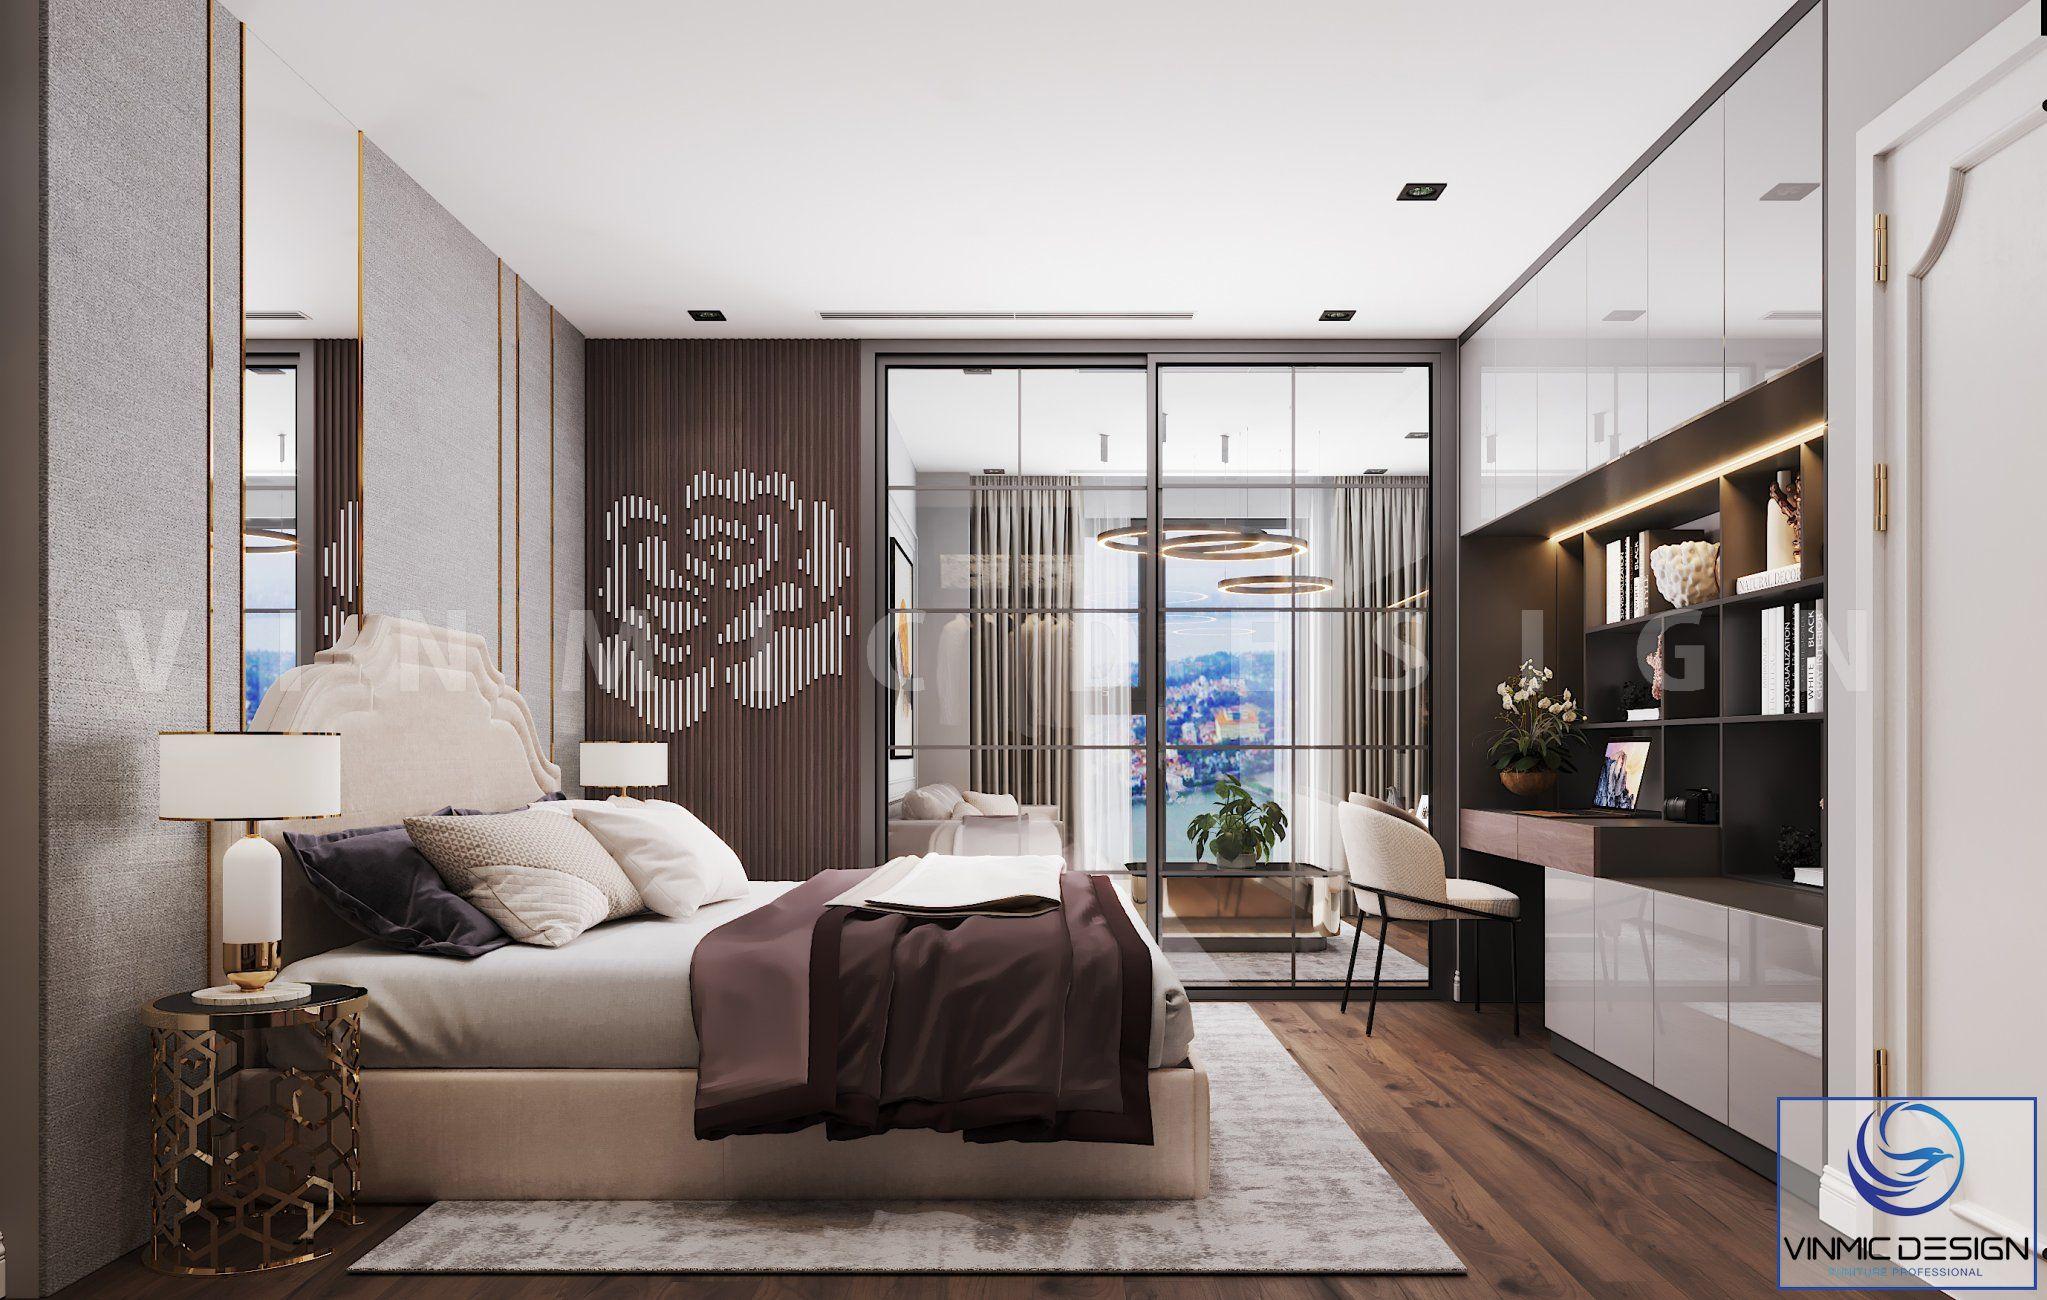 Thiết kế nội thất phòng ngủ master sang trọng, tinh tế của vợ chồng anh Bình tại chung cư Goldmark City